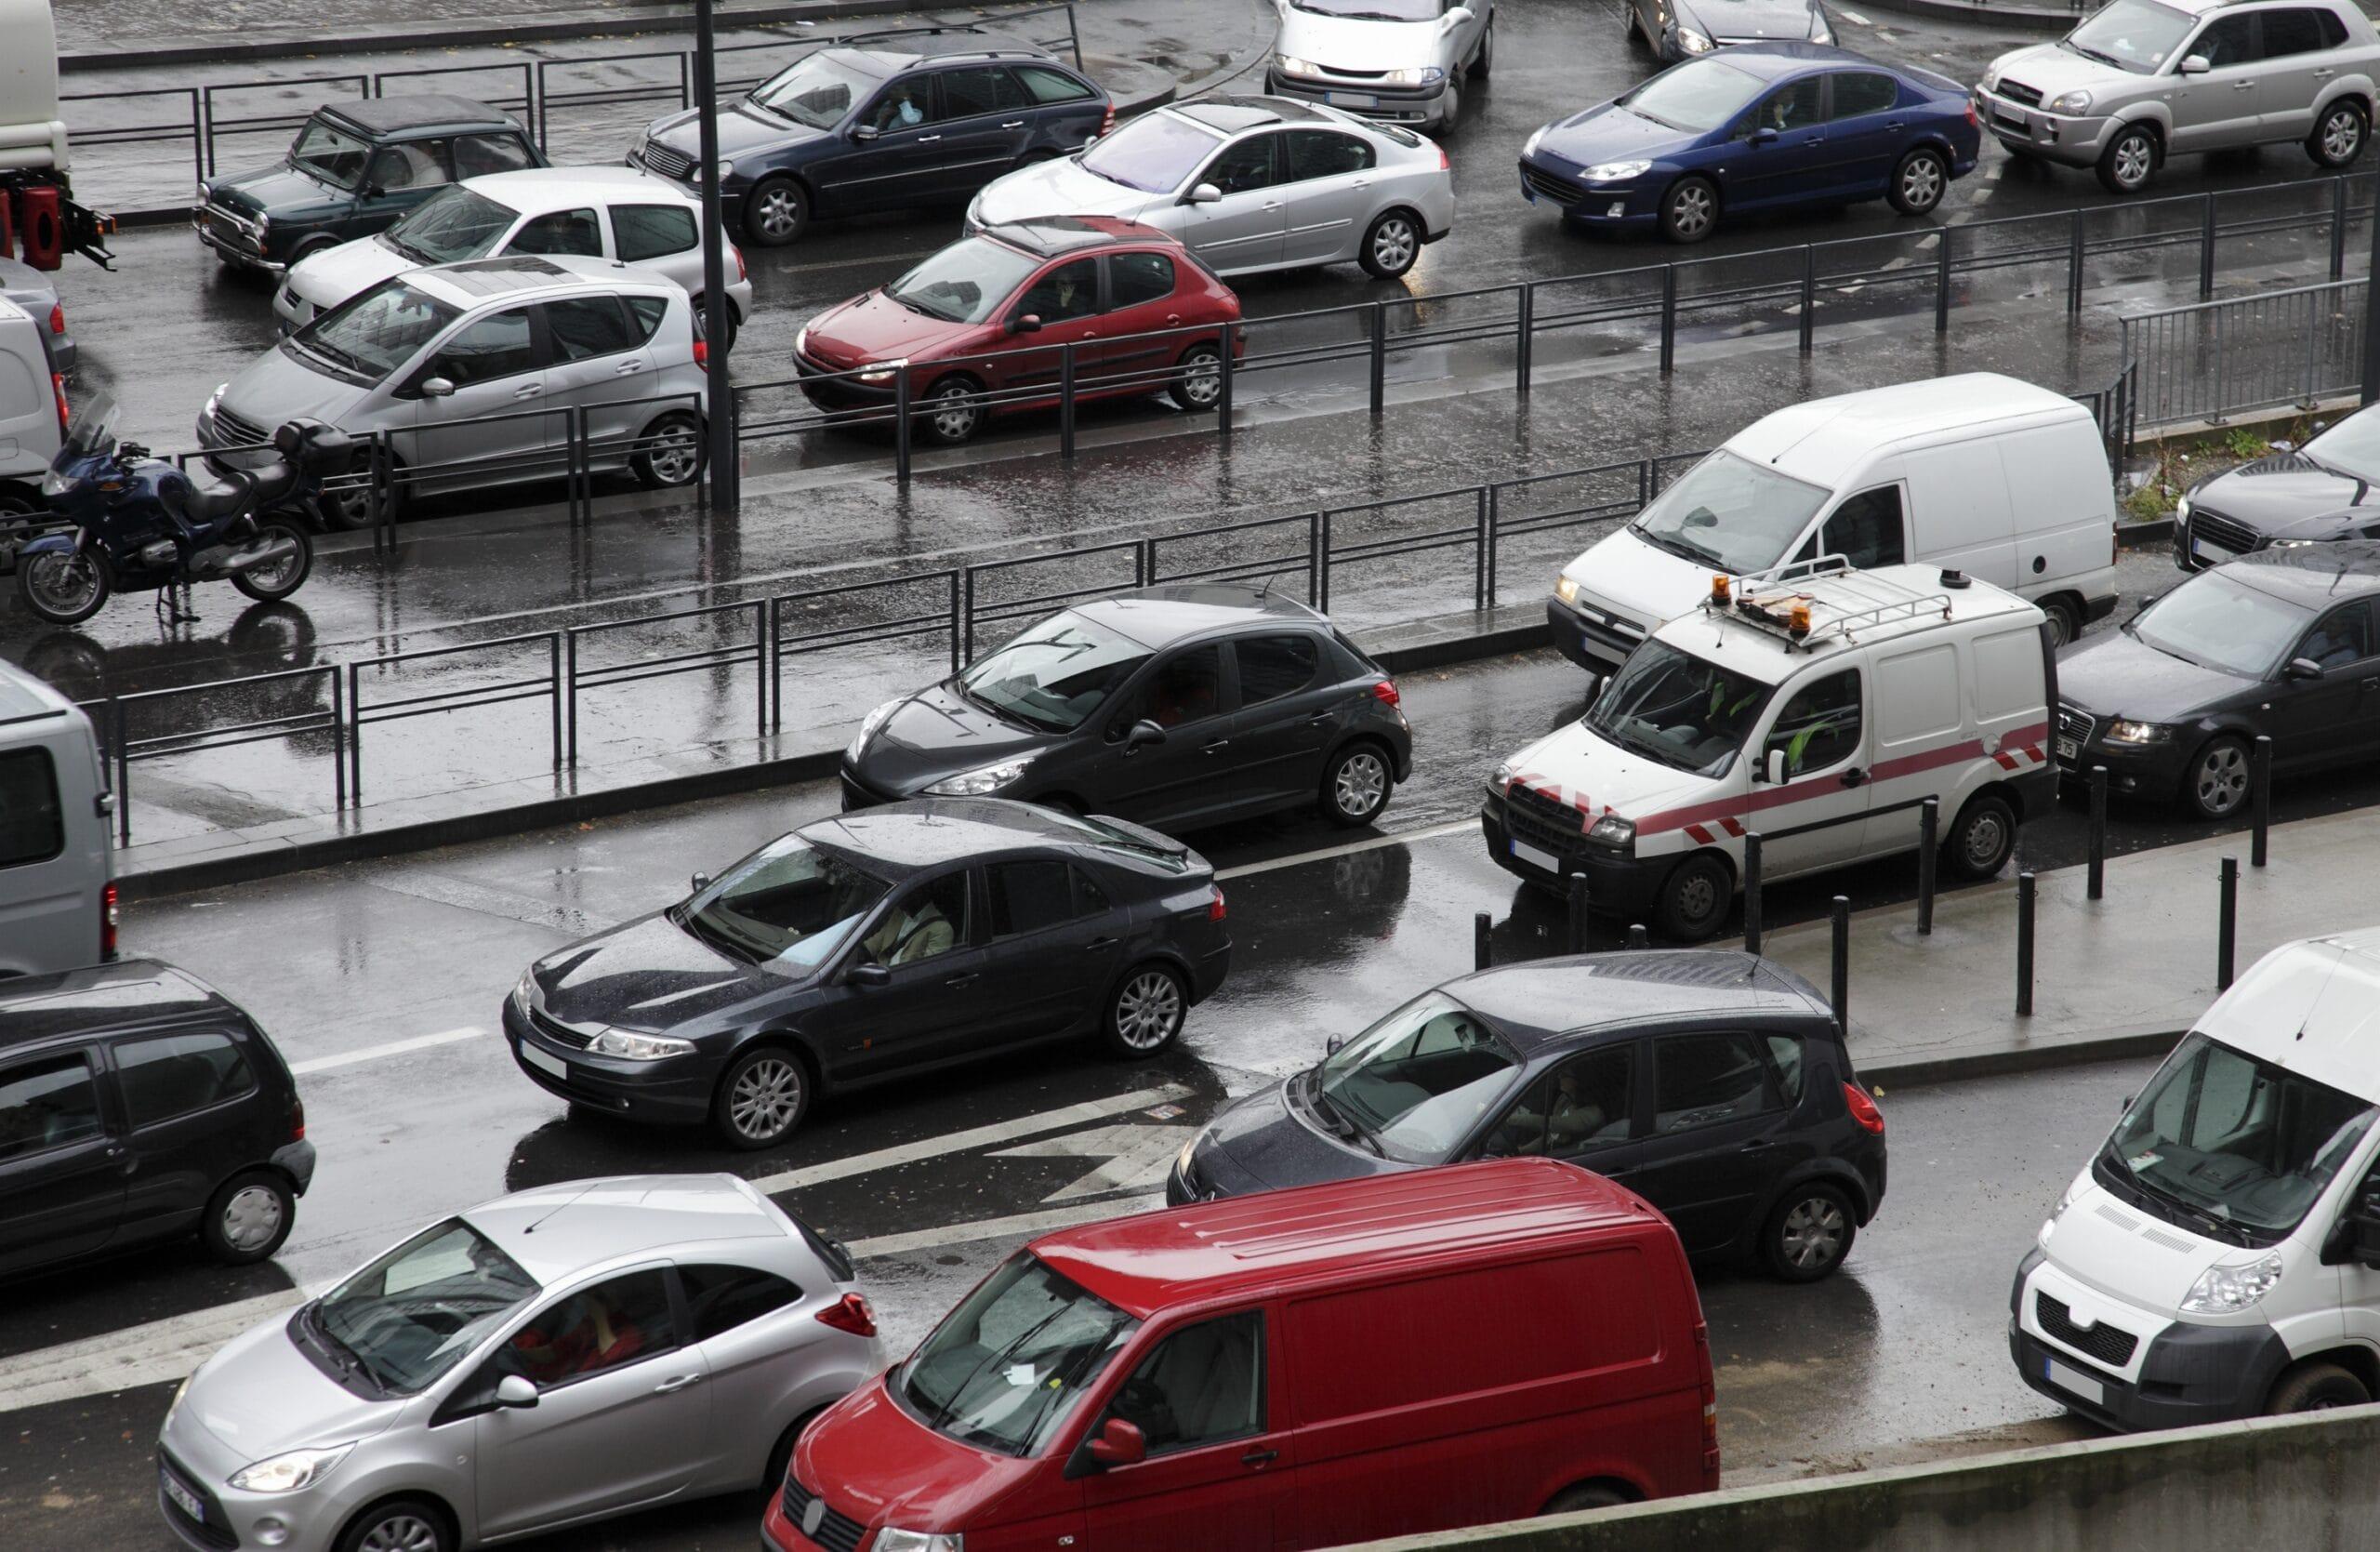 Dienstwagen: So bleiben Privatfahrten günstig